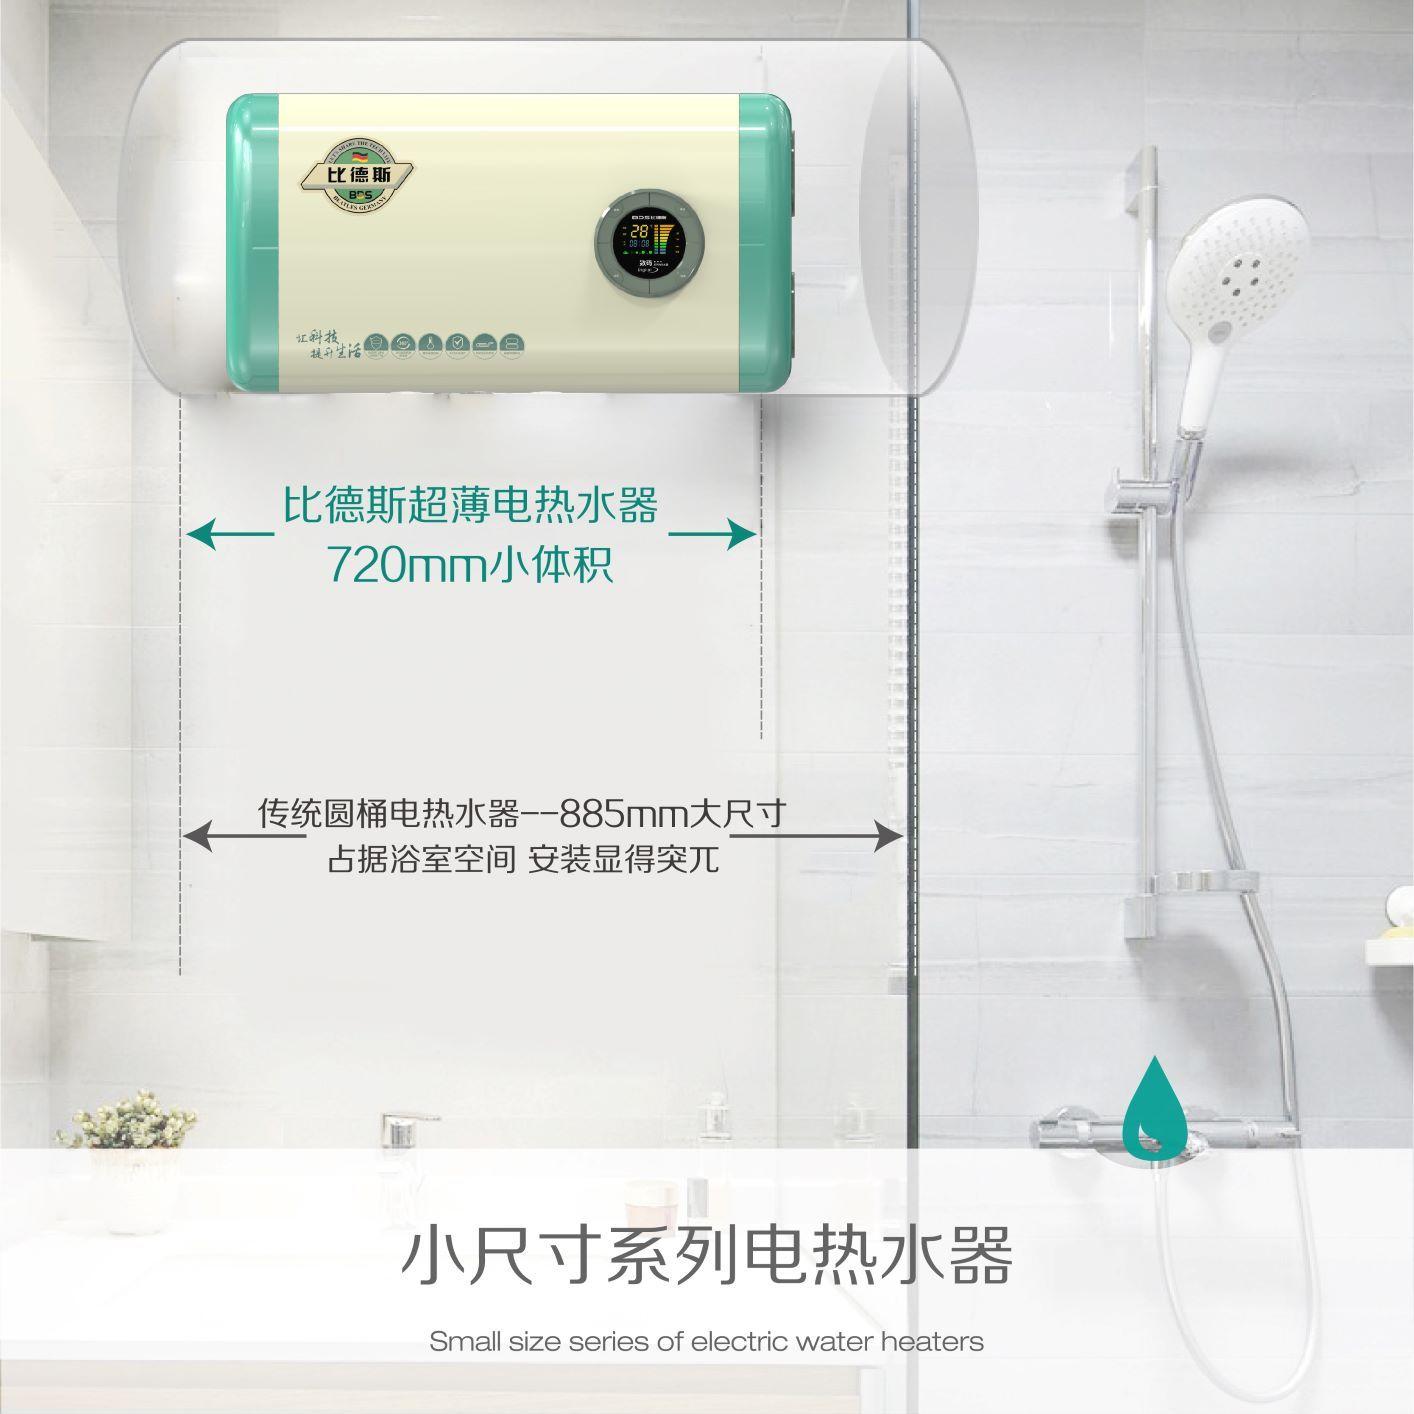 小尺寸电热水器价格